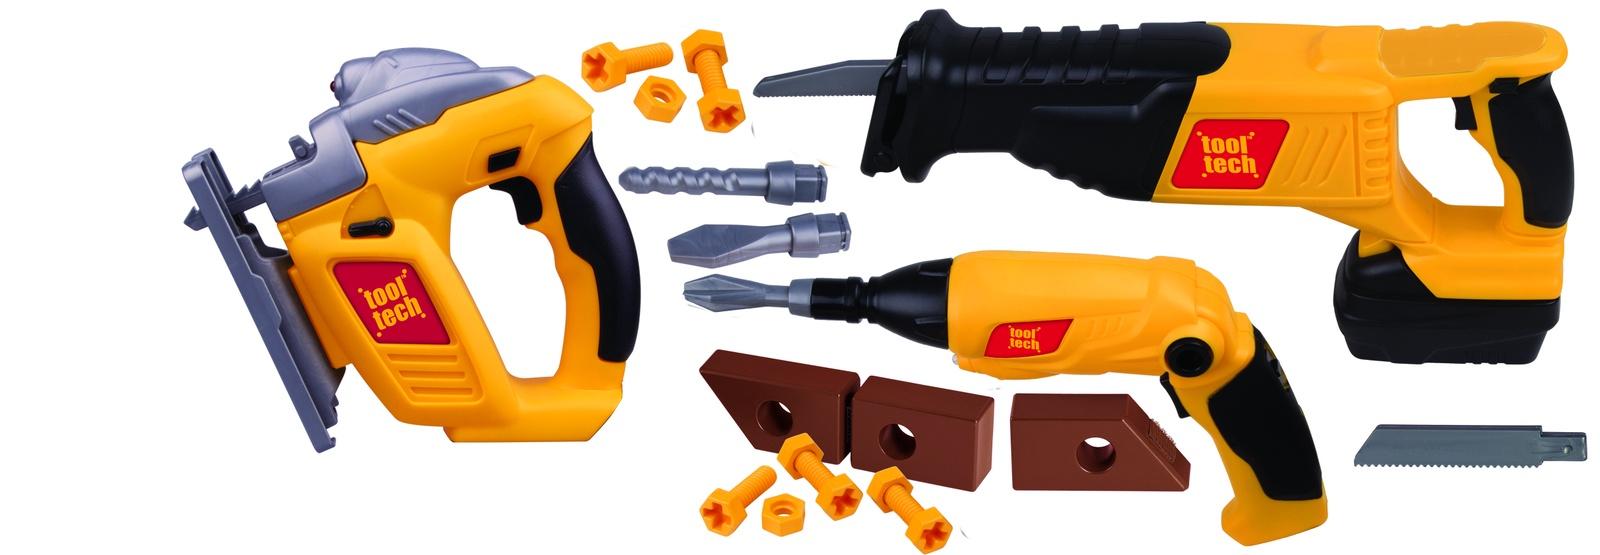 Сюжетно-ролевые игрушки Red Box Toy Factory Ltd. 65182 черный, желтый недорго, оригинальная цена